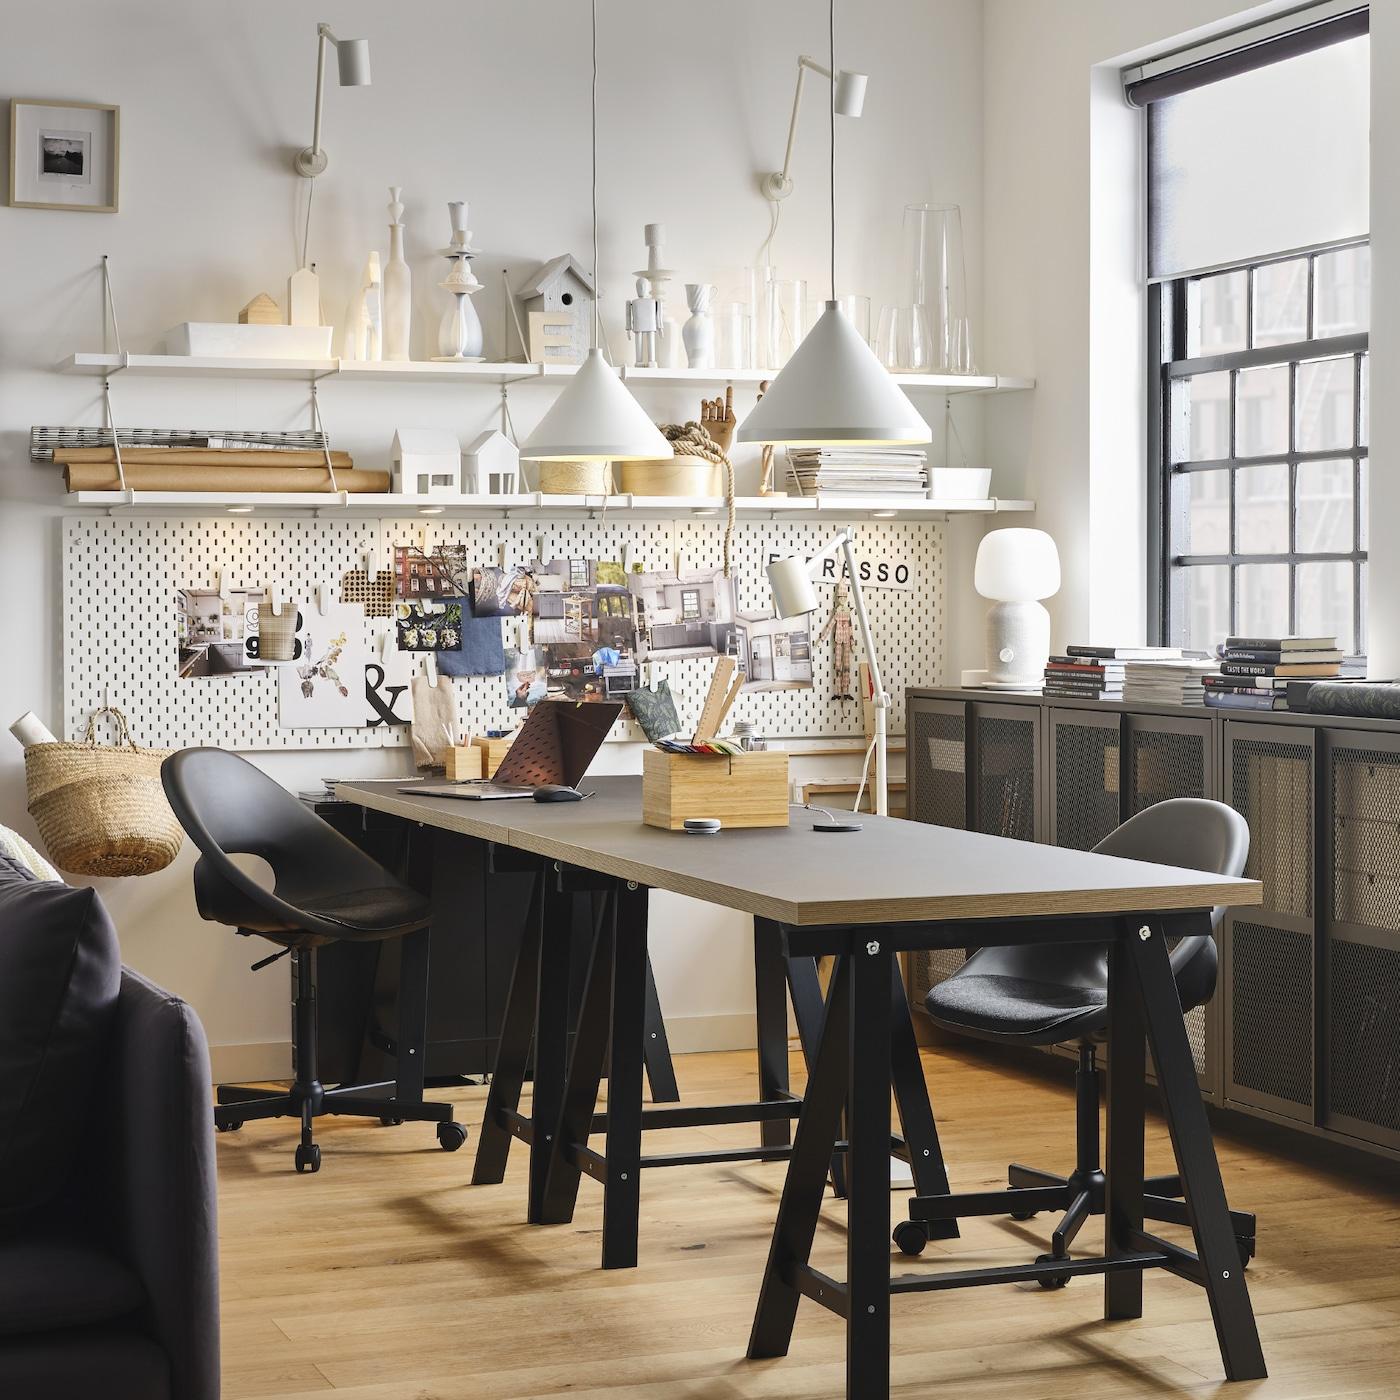 Ein Arbeitsplatz mit zwei LINNMON / ODDVALD Tischen, zwei schwarzen Drehstühlen, zwei weißen Hängeleuchten und weißen Wandregalen.